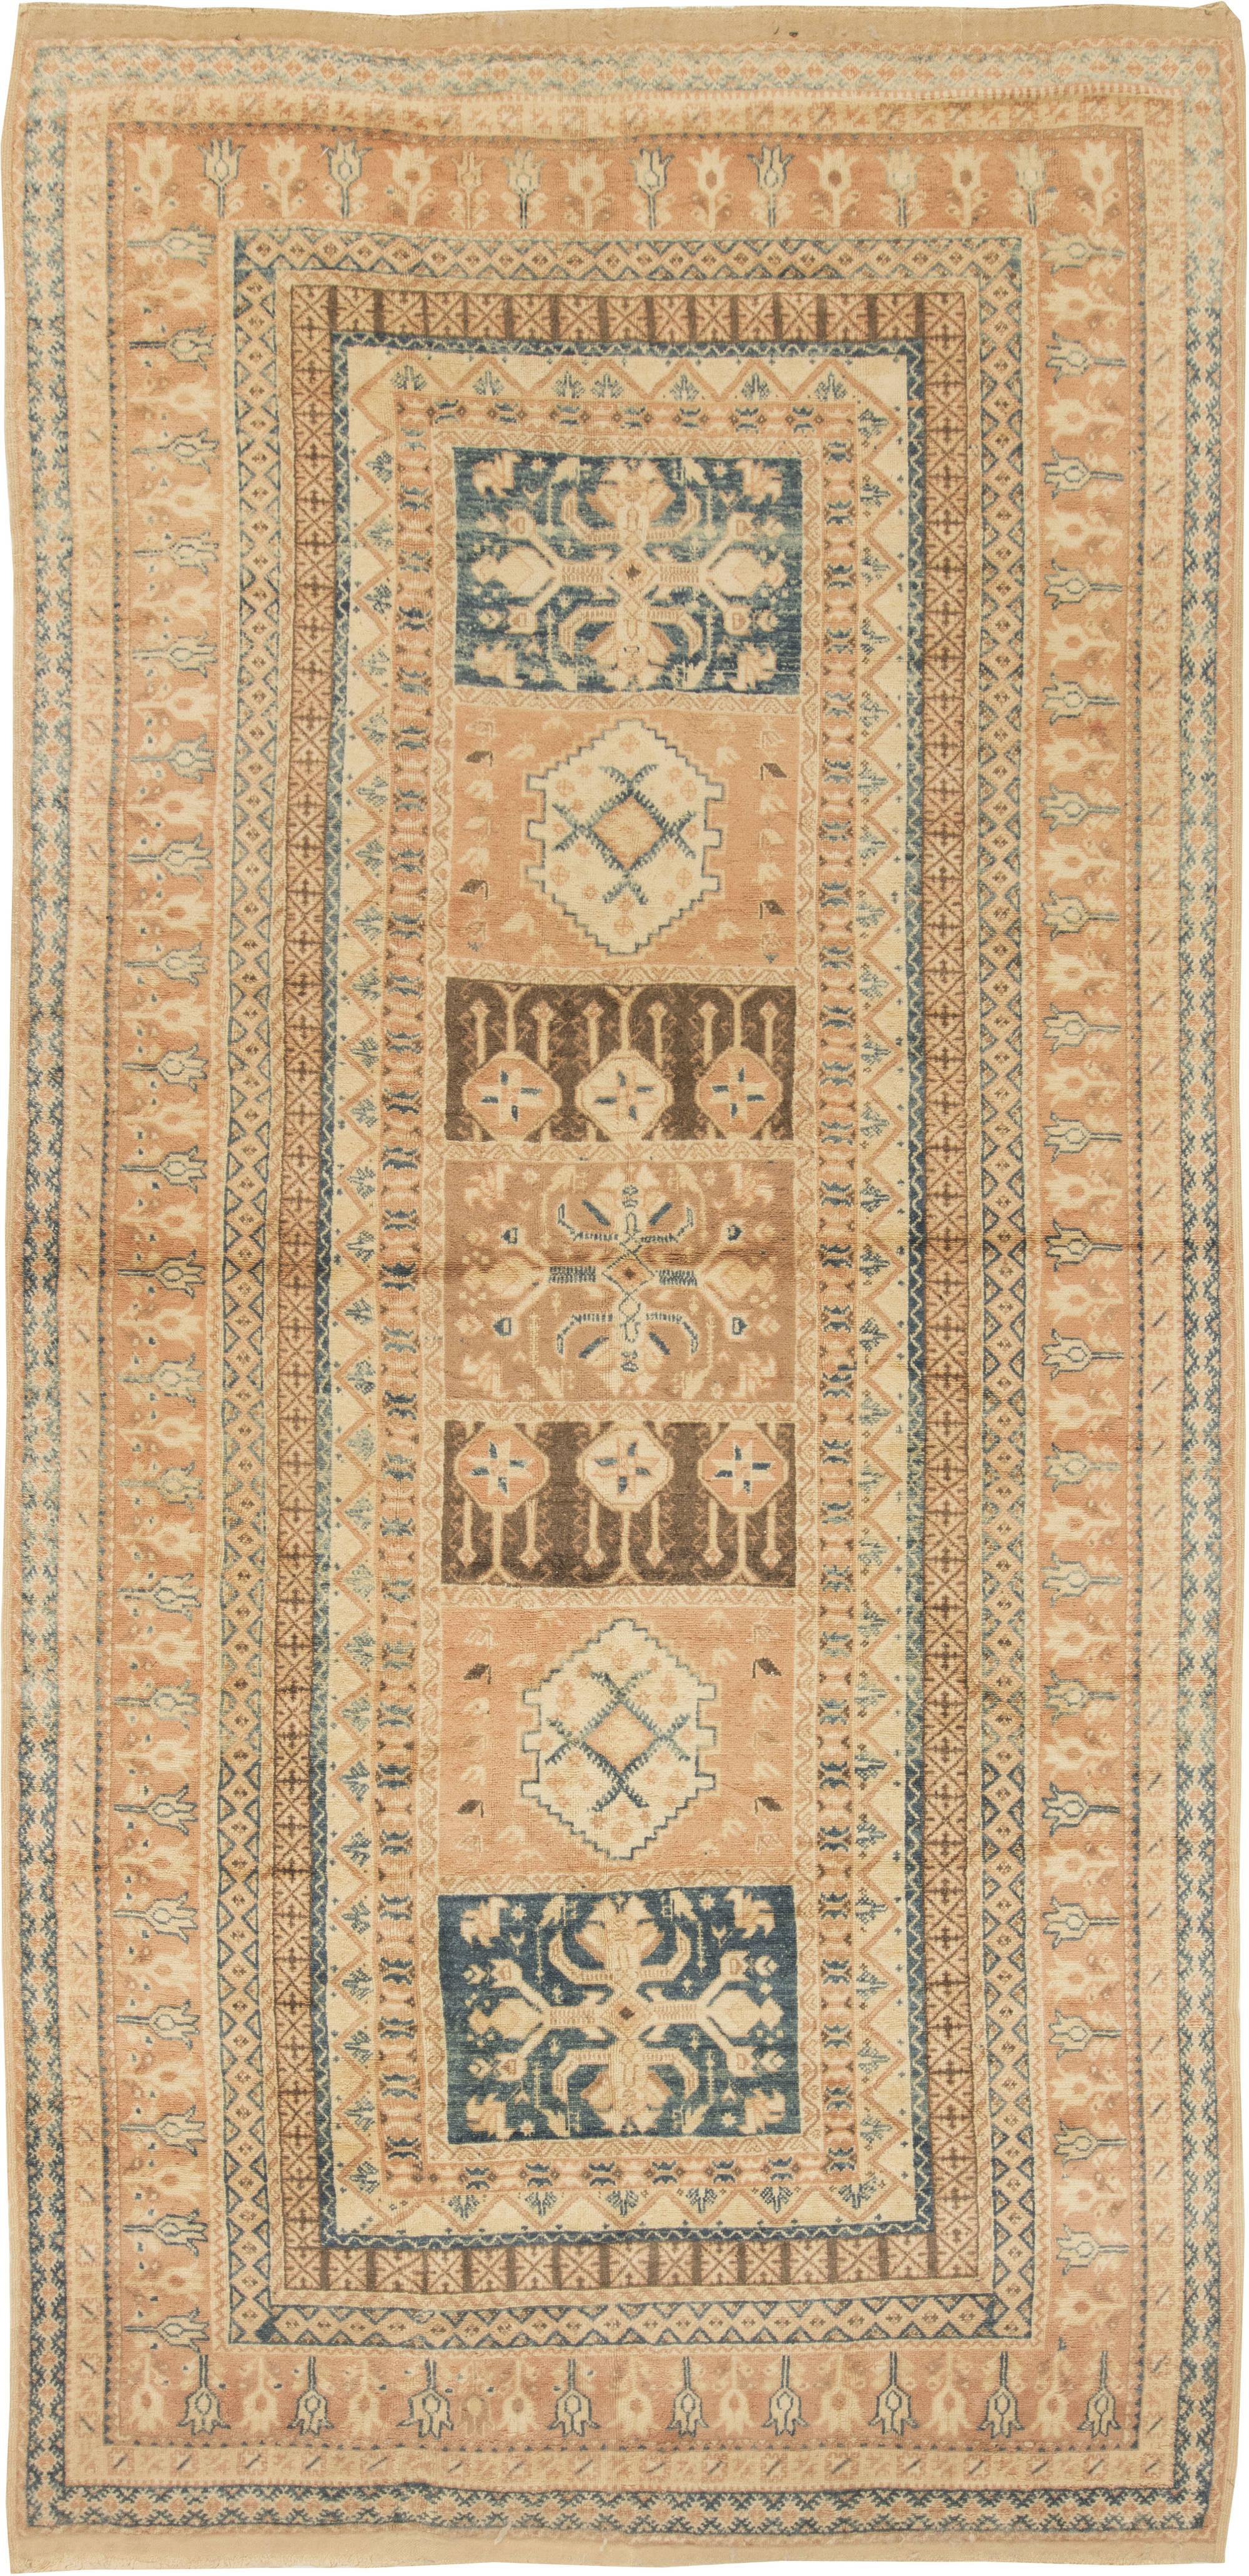 Vintage Moroccan Rug BB6421